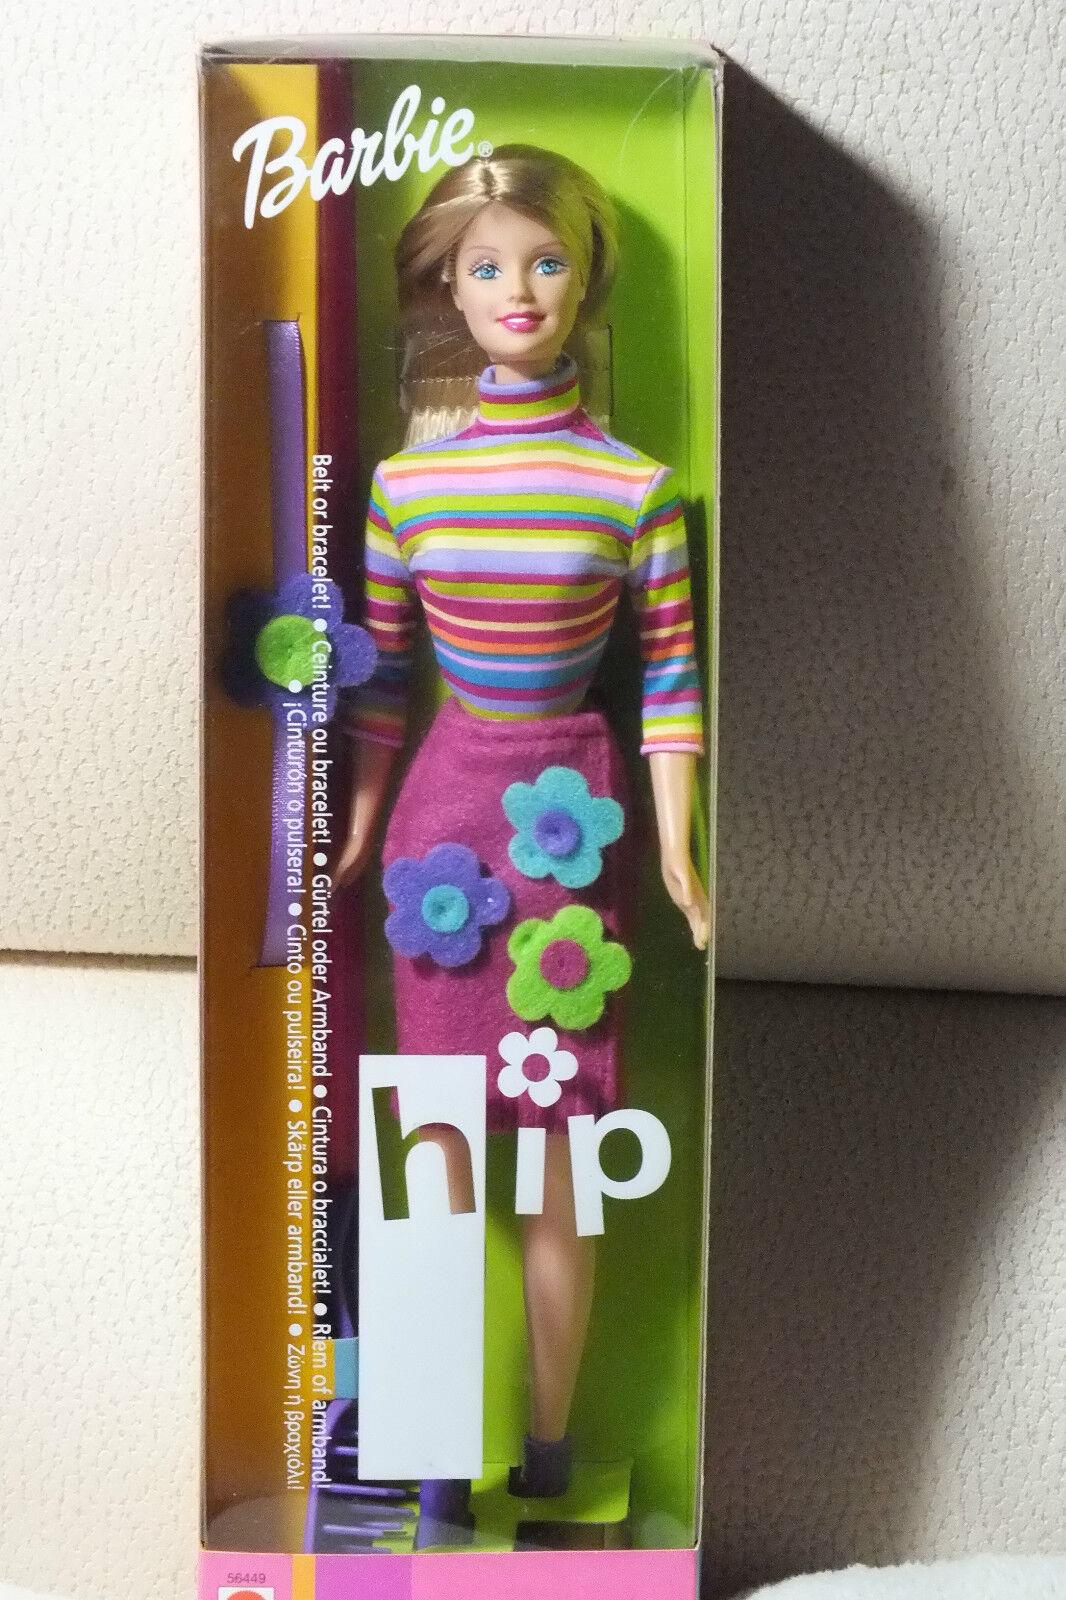 Barbie Hip Hip Hip 56449 (2002) NRFB 947e78